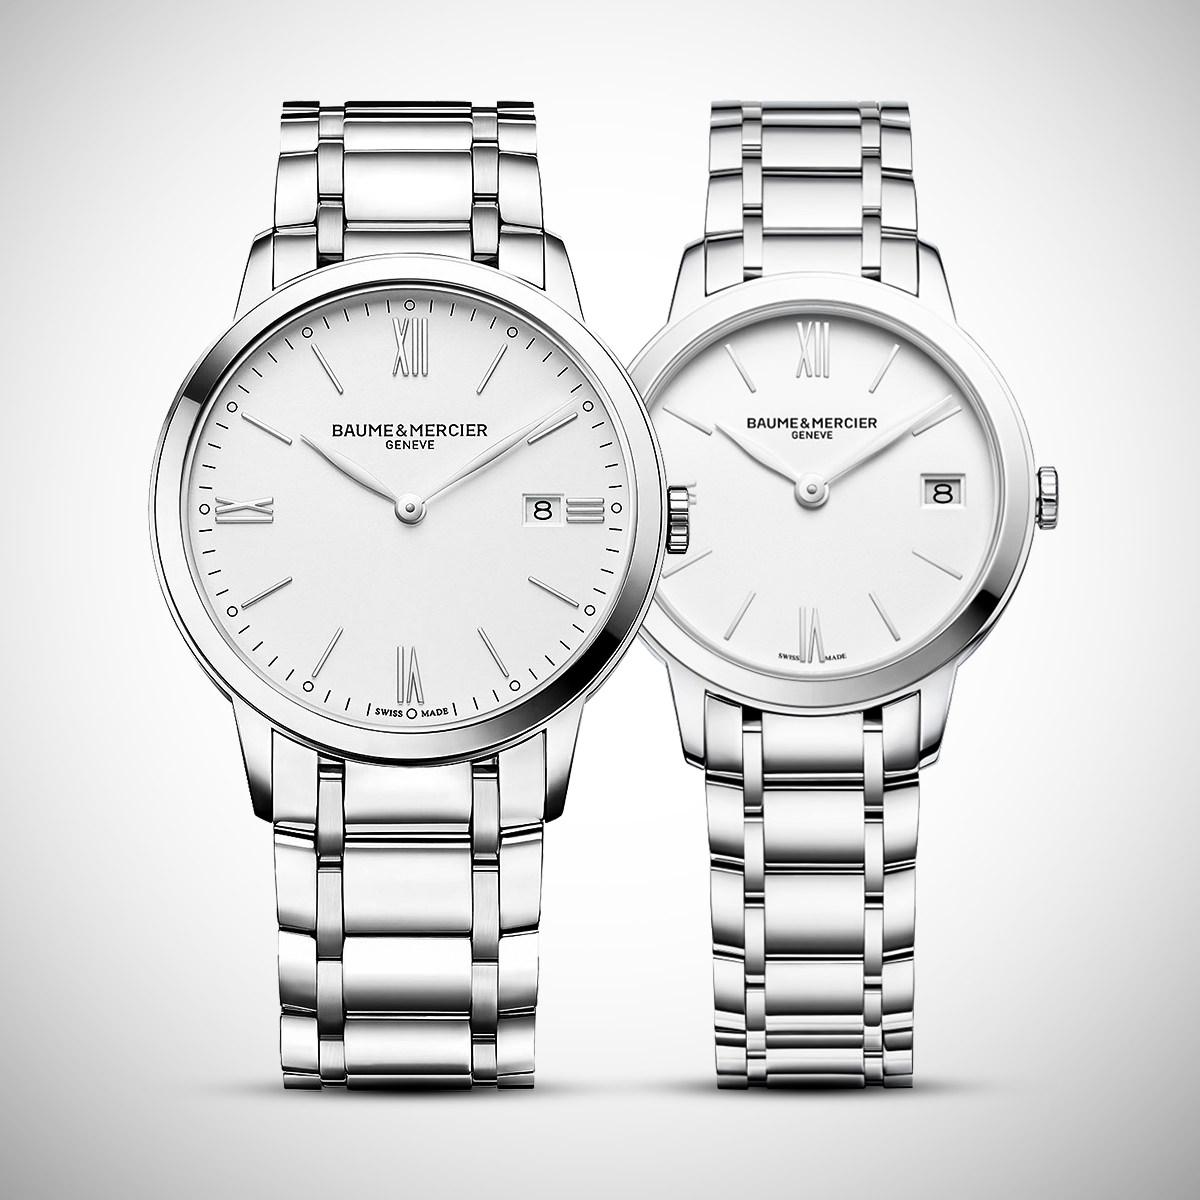 Đồng hồ cặp đôi My Classima đến từ Baume & Mercier